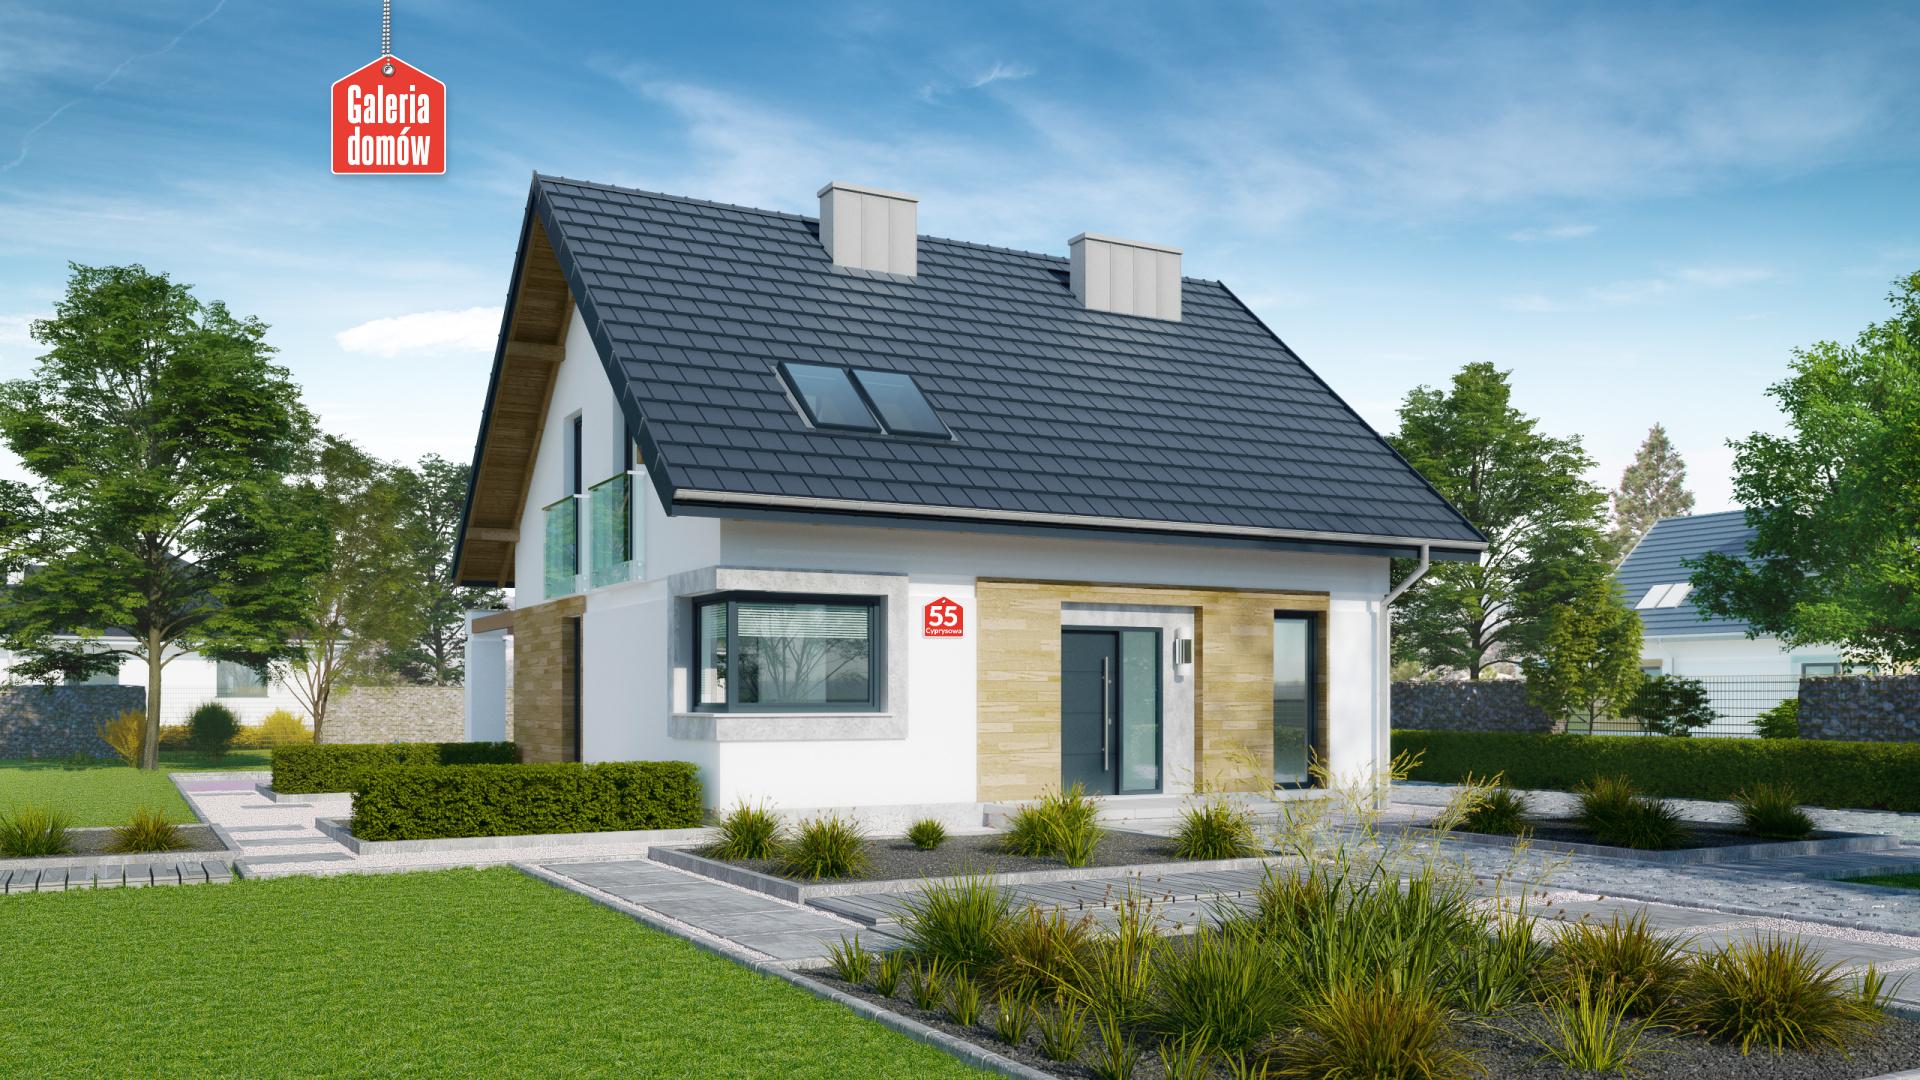 Dom Przy Cyprysowej 55 Gotowy Projekt Domu Jednorodzinnego